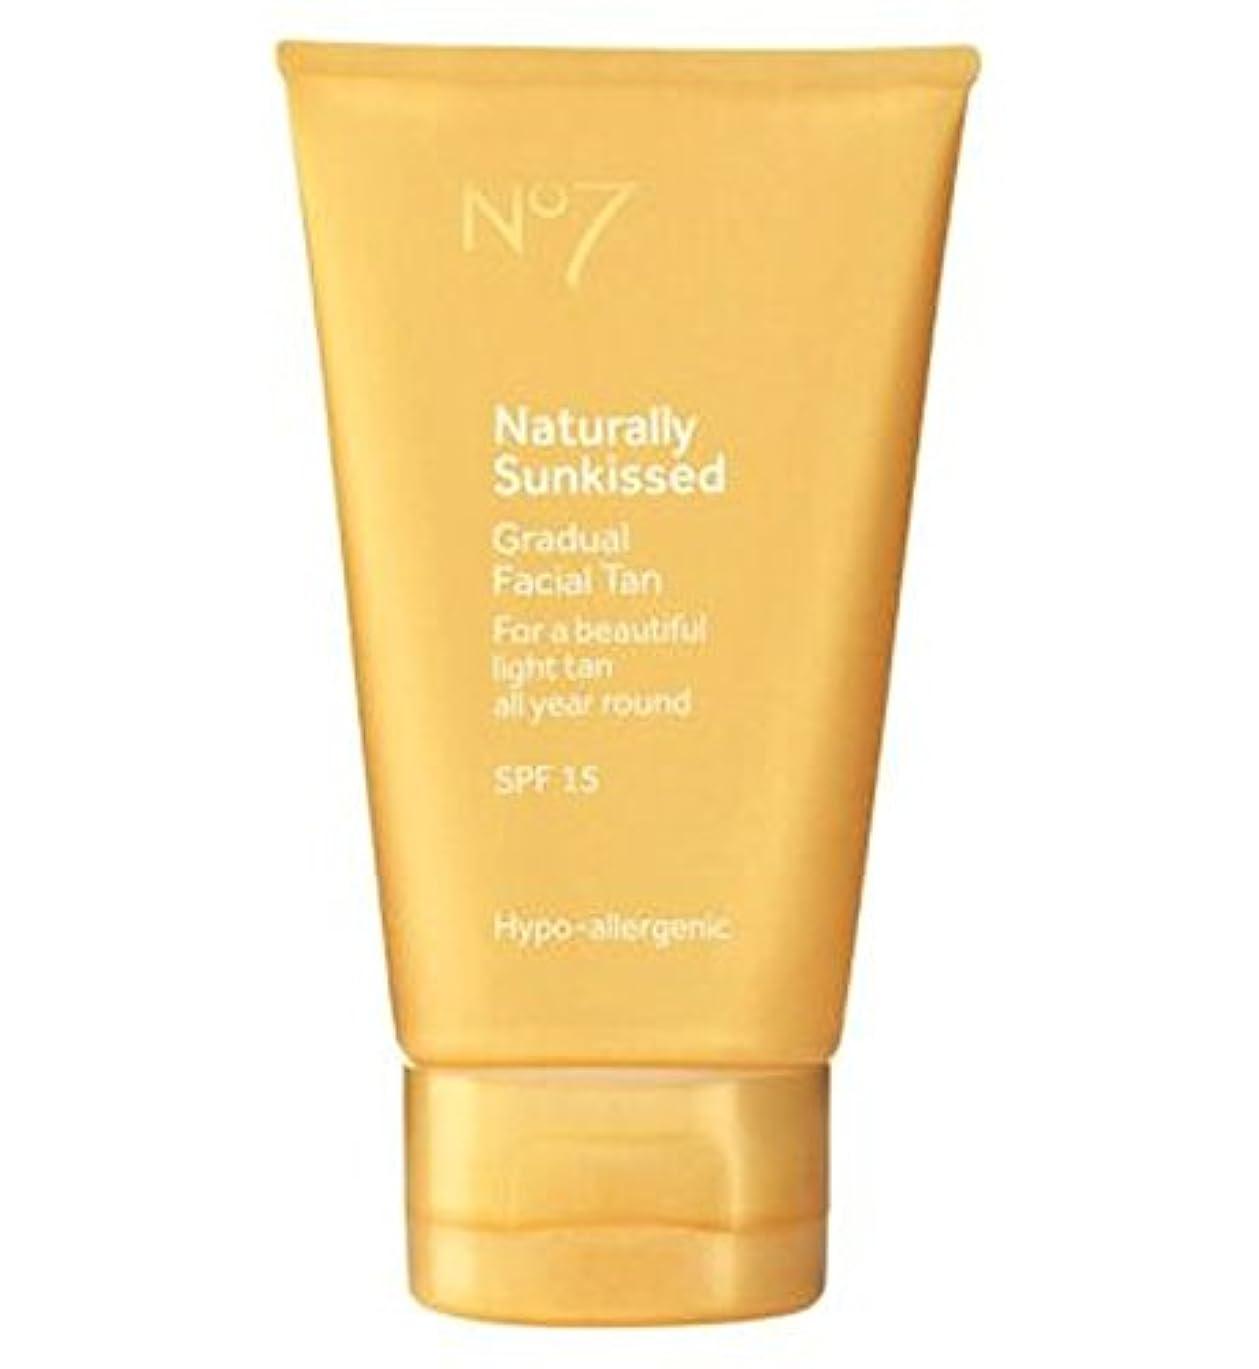 程度めまい公演No7 Naturally Sun Kissed Gradual Face Tan SP15 - No7は自然に太陽が緩やかな顔日焼けSp15にキスをしました (No7) [並行輸入品]